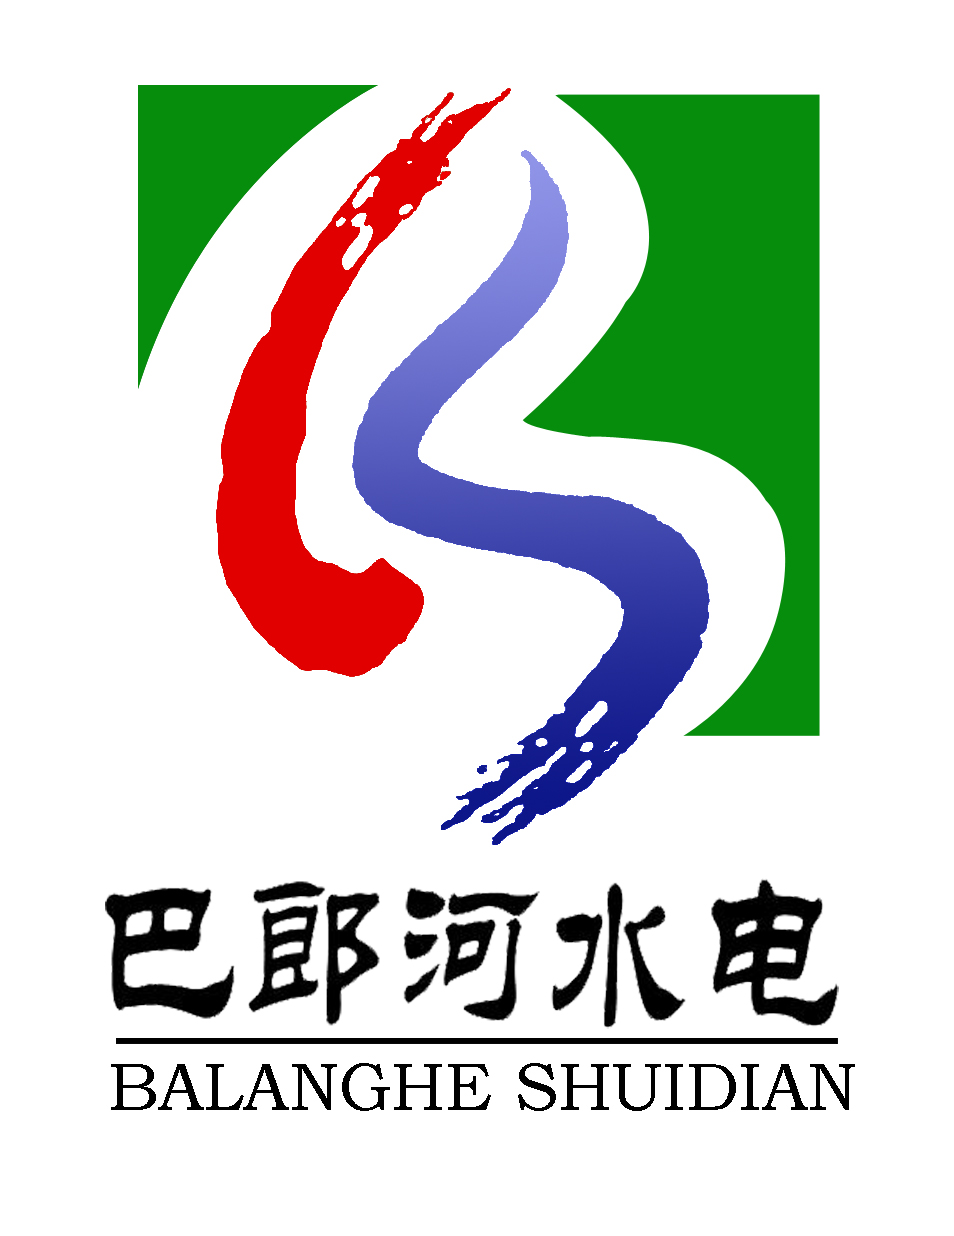 四川巴郎河水電開發有限公司